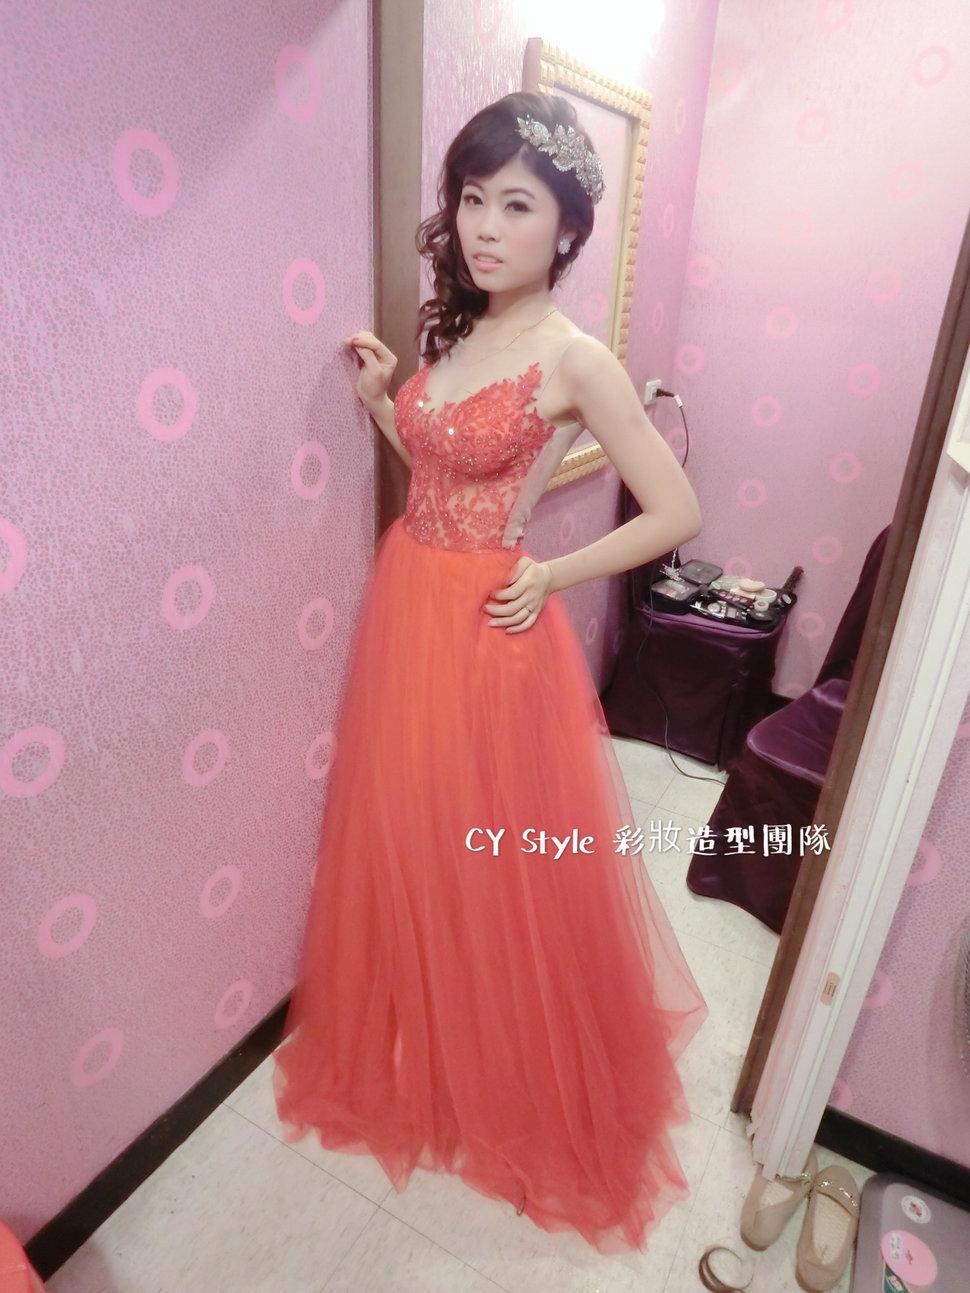 庭靖 訂結婚宴客造型 - CY Style彩妝造型團隊 新娘秘書 - 結婚吧一站式婚禮服務平台